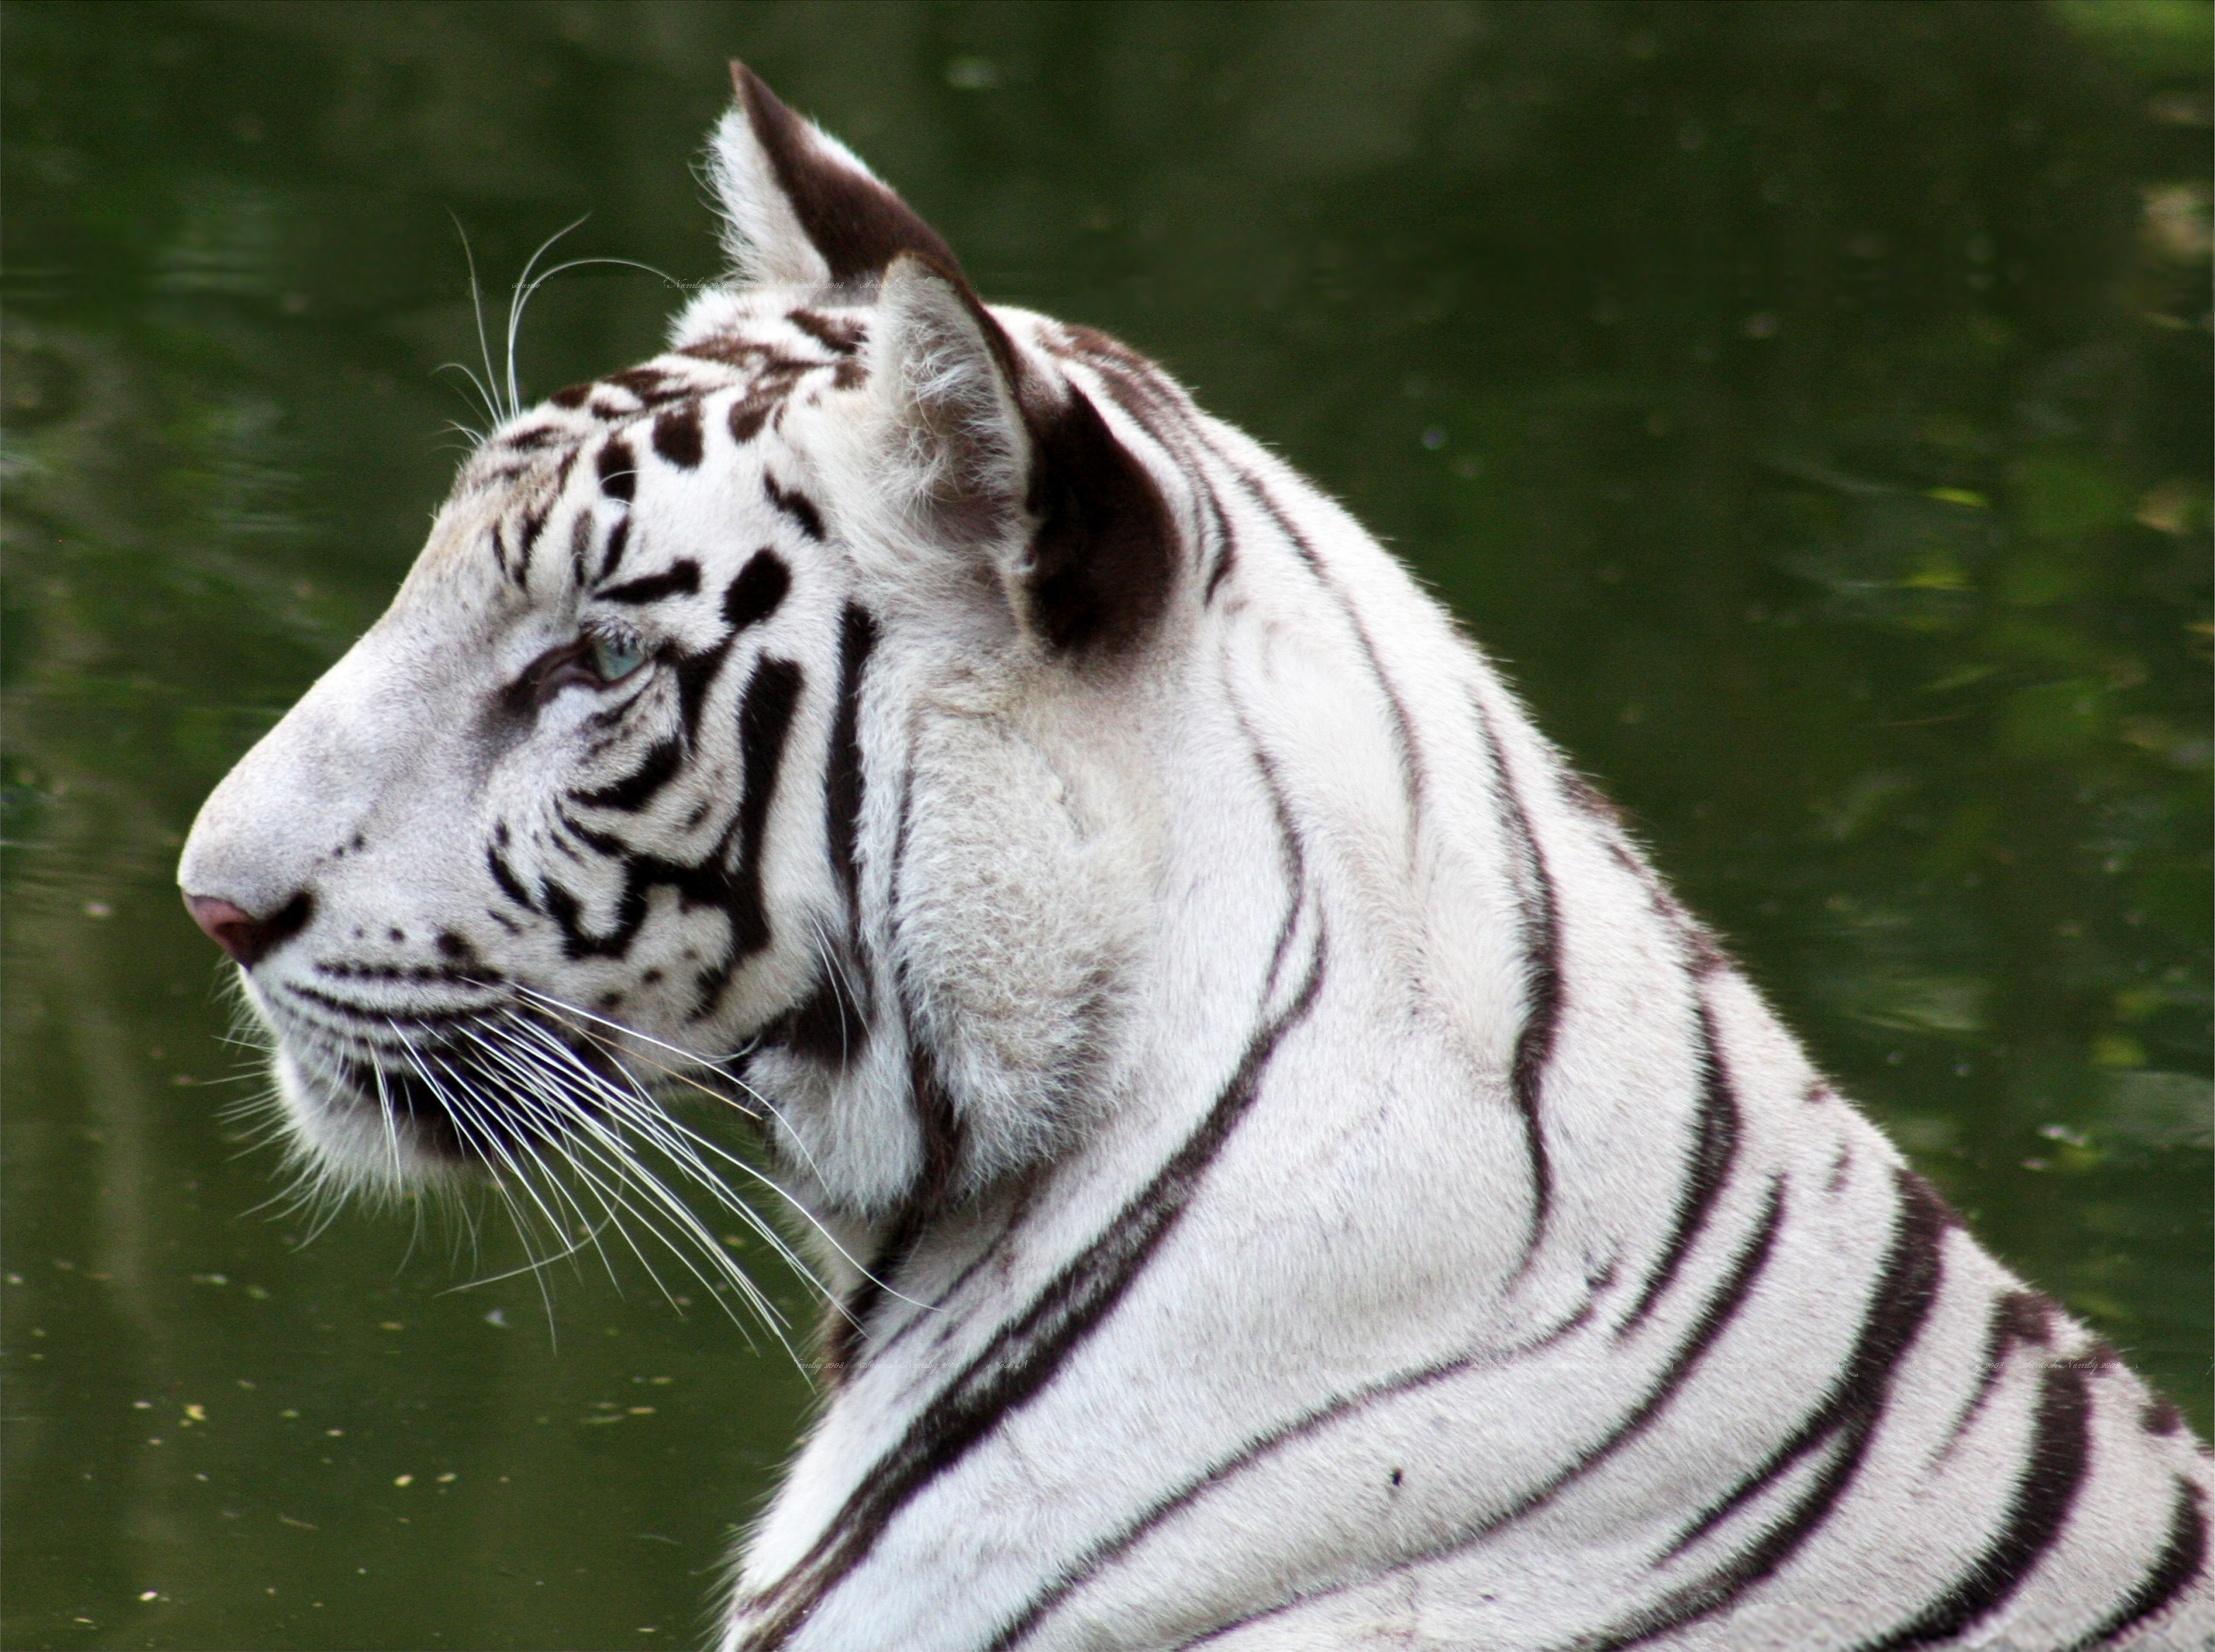 White Tiger of Bandhavgarh